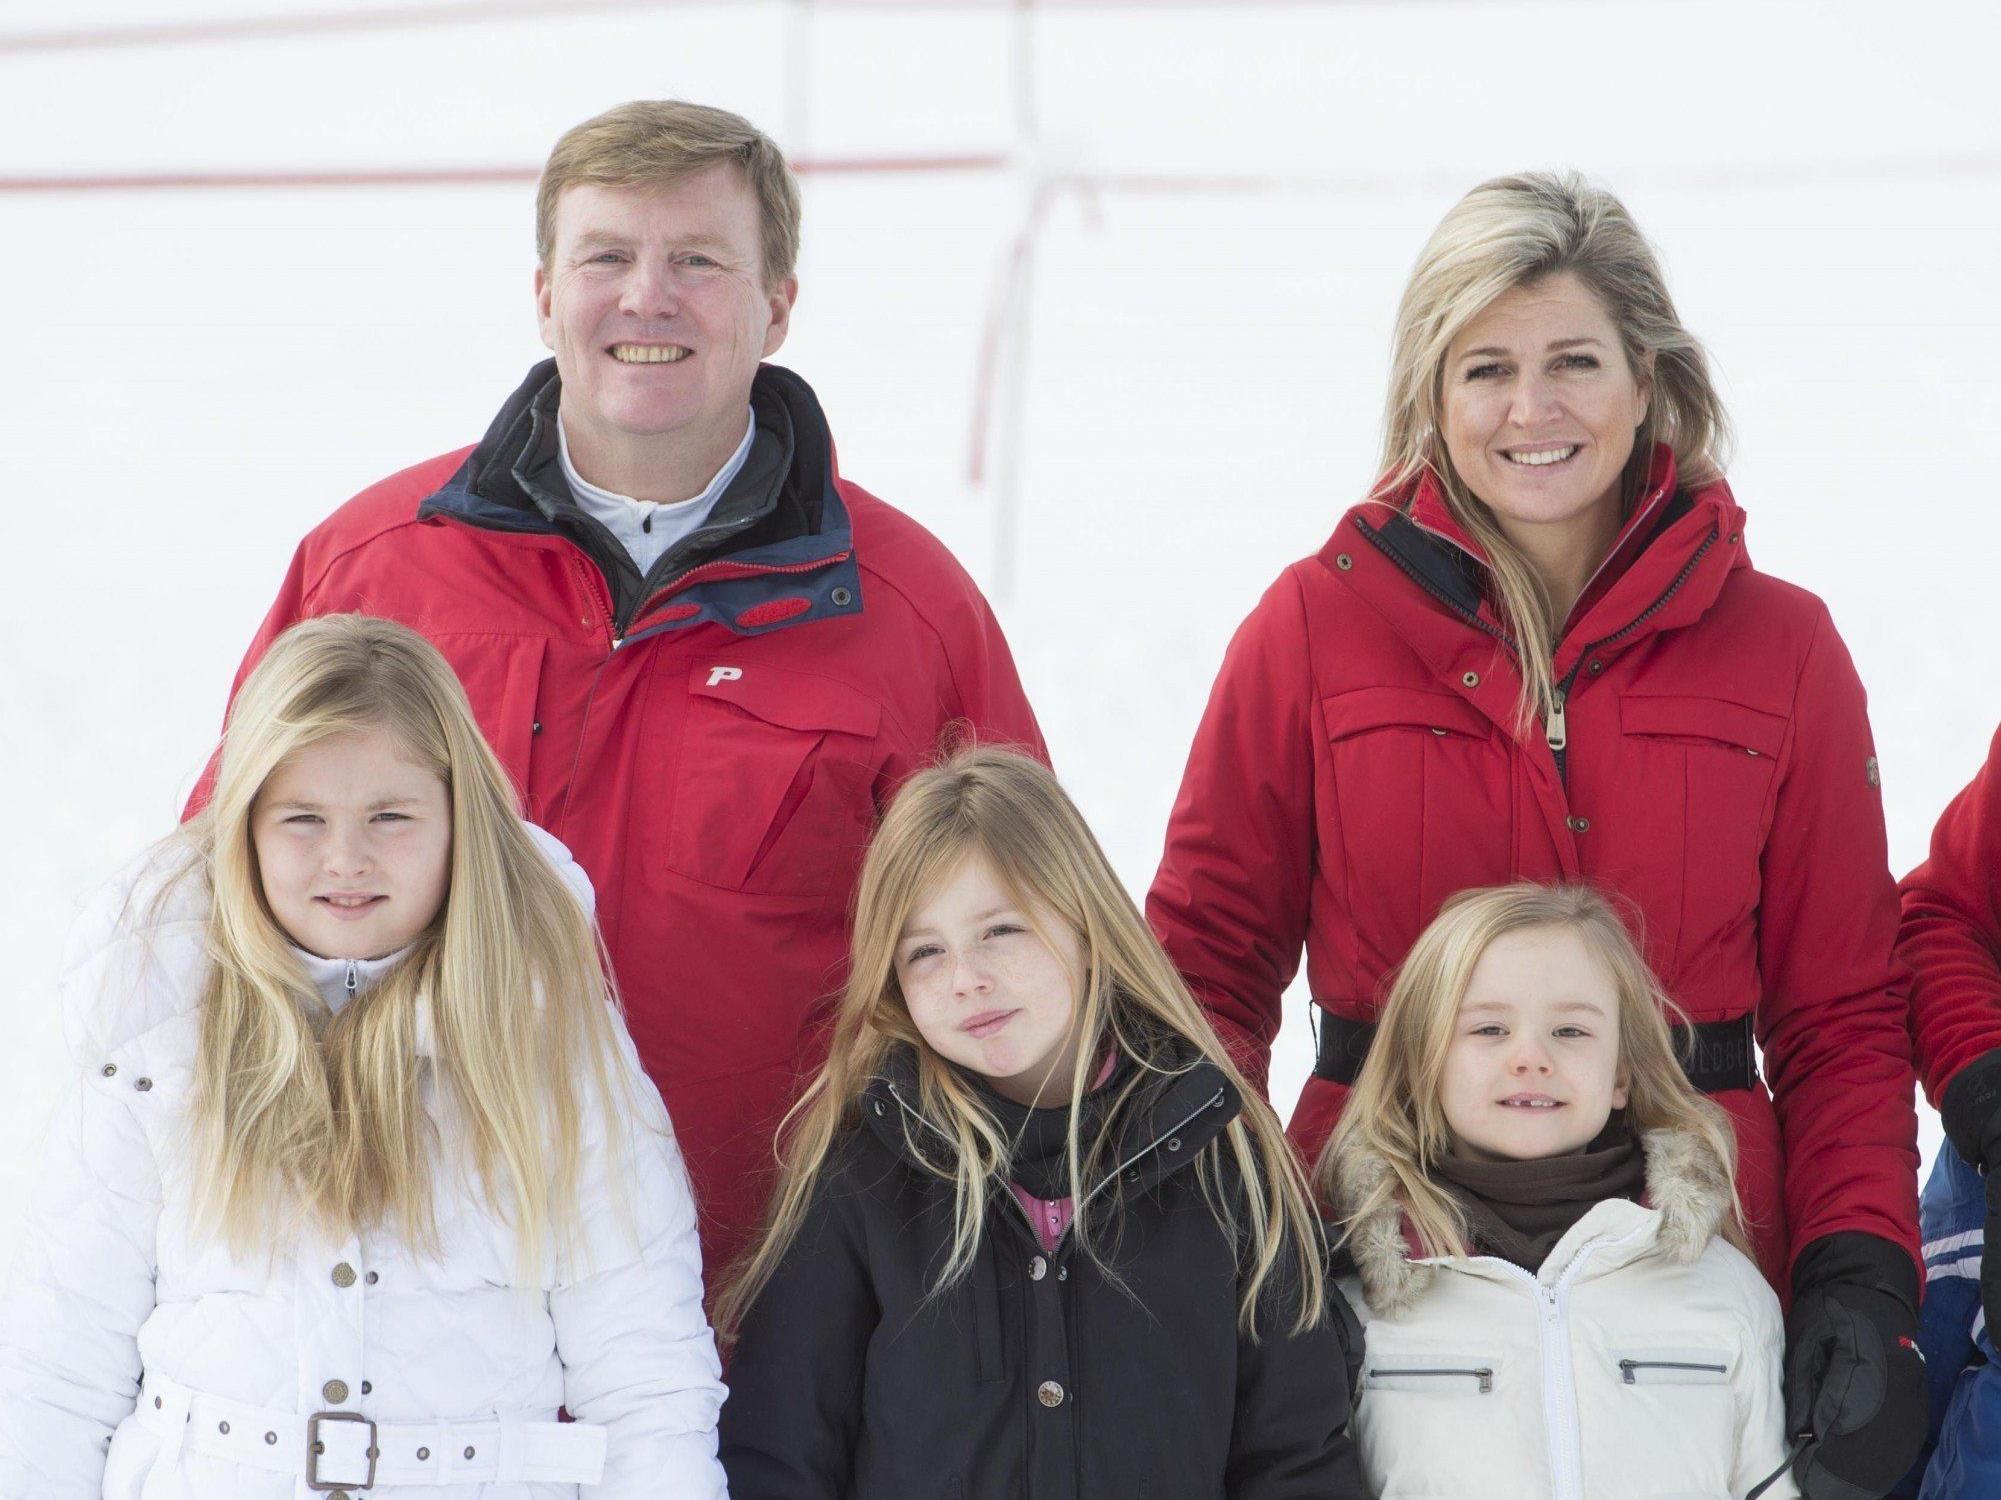 Skiurlaub in Lech: König Willem-Alexander und Königin Máxima der Niederlande und ihre Kinder Catharina-Amalia, Alexia und Ariane (v.l.n.r.)